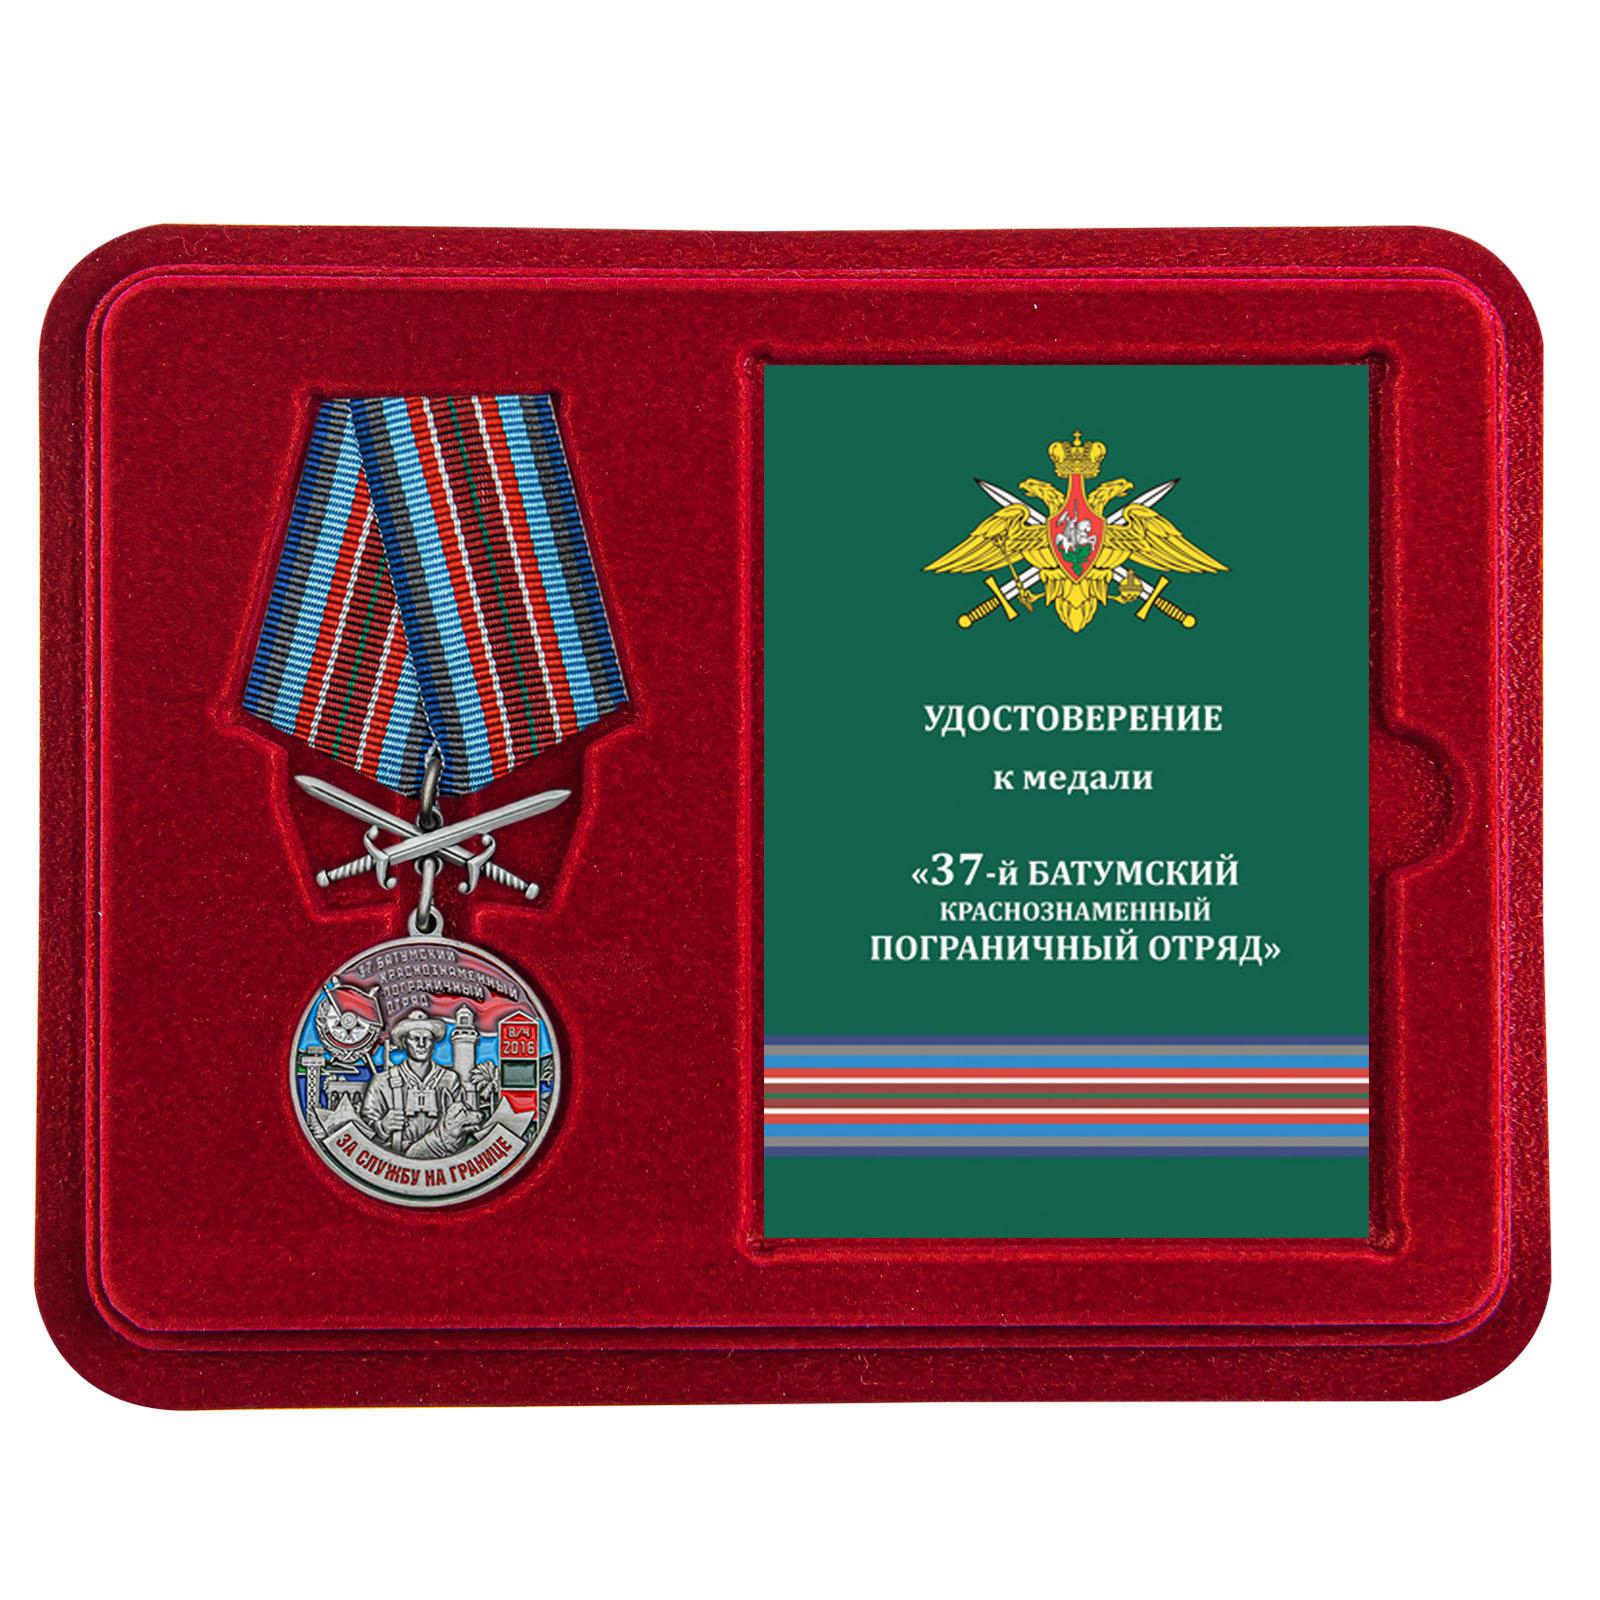 Латунная медаль За службу в Батумском пограничном отряде - в футляре